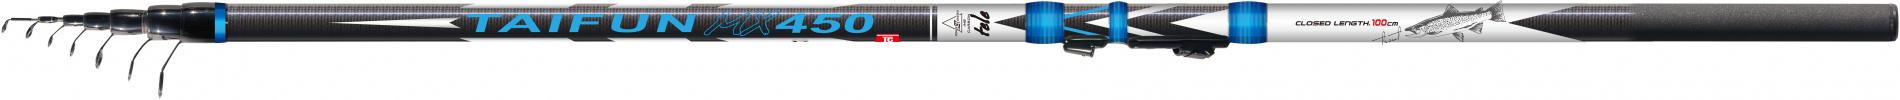 Удилище тел. SWD TAIFUN 5,4м с/к карбон IM8 (укороченное)Удилища поплавочные<br>Классическое болонское удилище с быстрым <br>строем. Материал бланка удилища – карбон <br>IM8. Длина удилища 5,4м. Комплектуется элегантными <br>облегченными кольцами с высококачественными <br>вставками SIC на высоких ножках, надежным <br>быстродействующим катушкодержателем типа <br>Clip Up и EVA вставкой в комле для предотвращения <br>повреждения проводочных колец. Верхнее <br>колено имеет дополнительное разгрузочное <br>кольцо. Транспортная длина 106см. Рекомендуется <br>для всех видов ловли.<br>